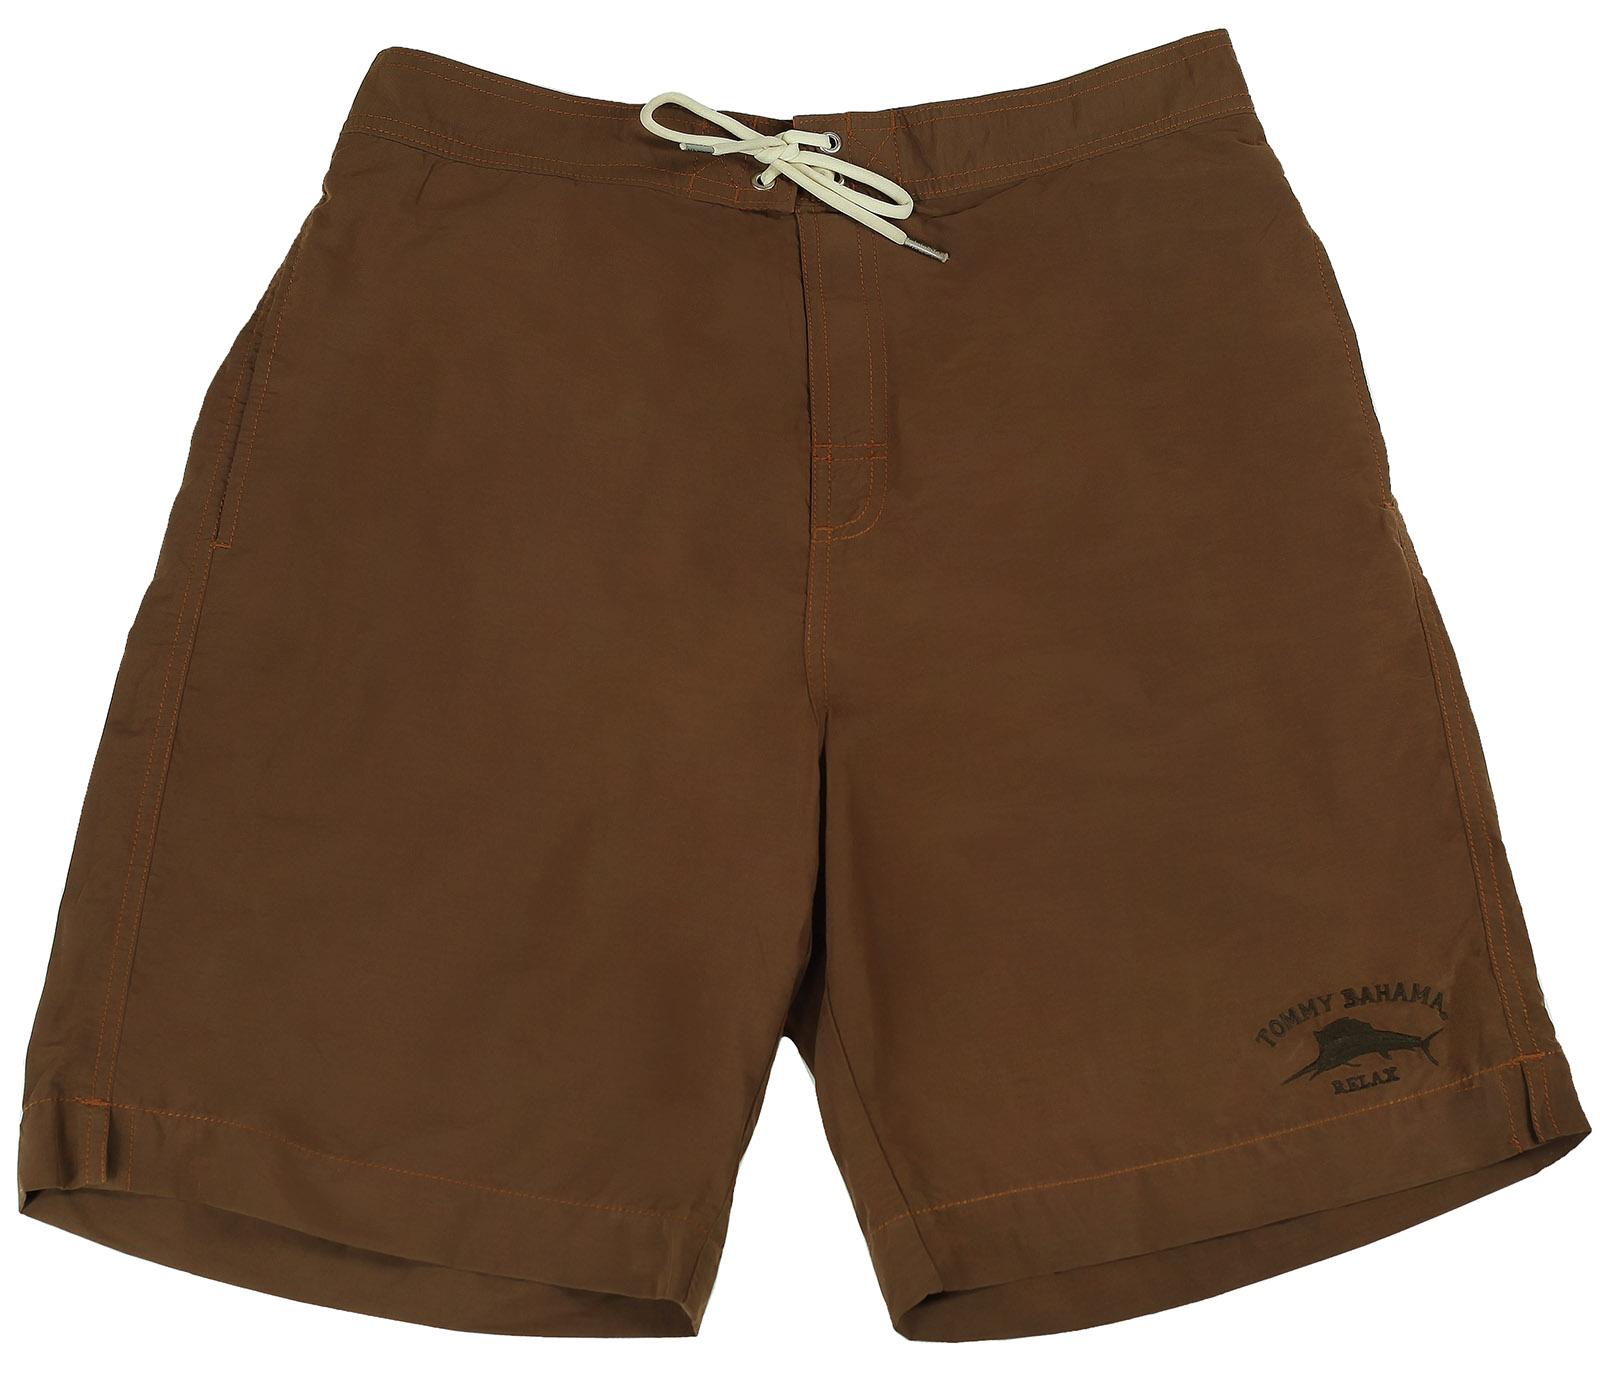 Мужские шорты Tommy Bahama - купить в интернет-магазине с доставкой